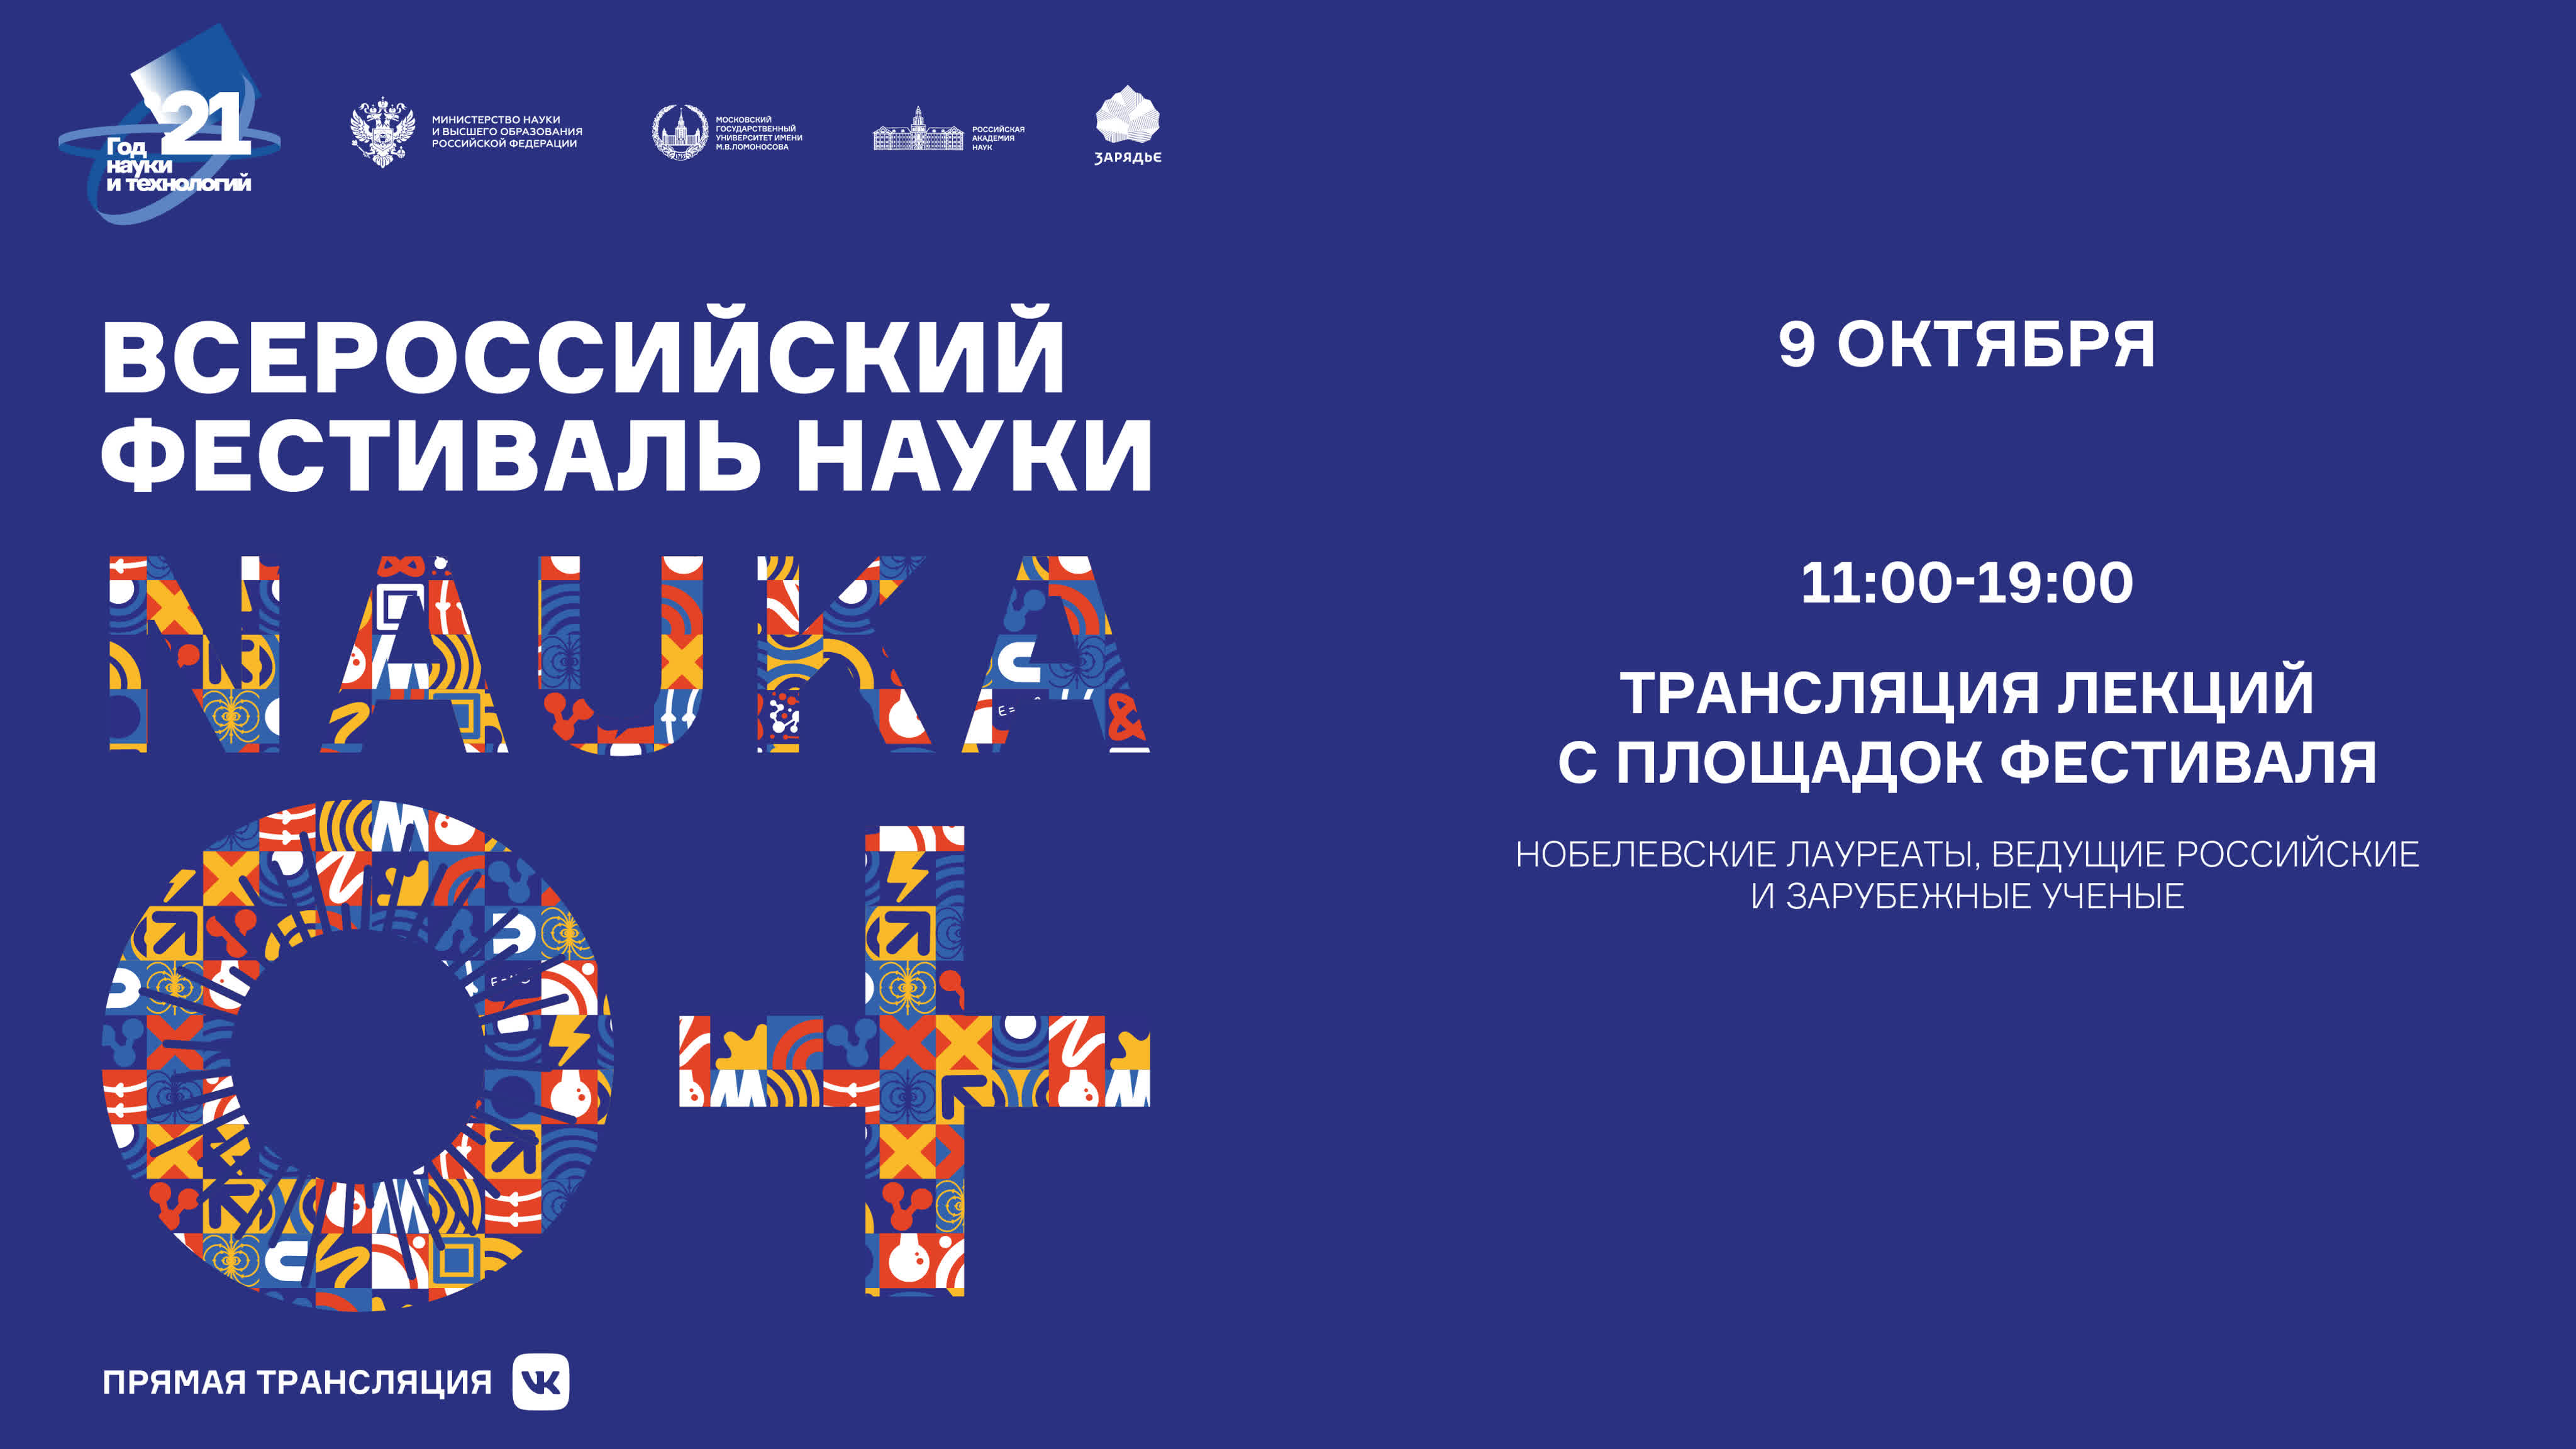 На выходных мы стали одной из главных площадок Всероссийского фестиваля науки NAUKA 0+: более 4 200 гостей пришли в Заповедное посольство, 1 200 000 просмотров у трансляций онлайн-программы.